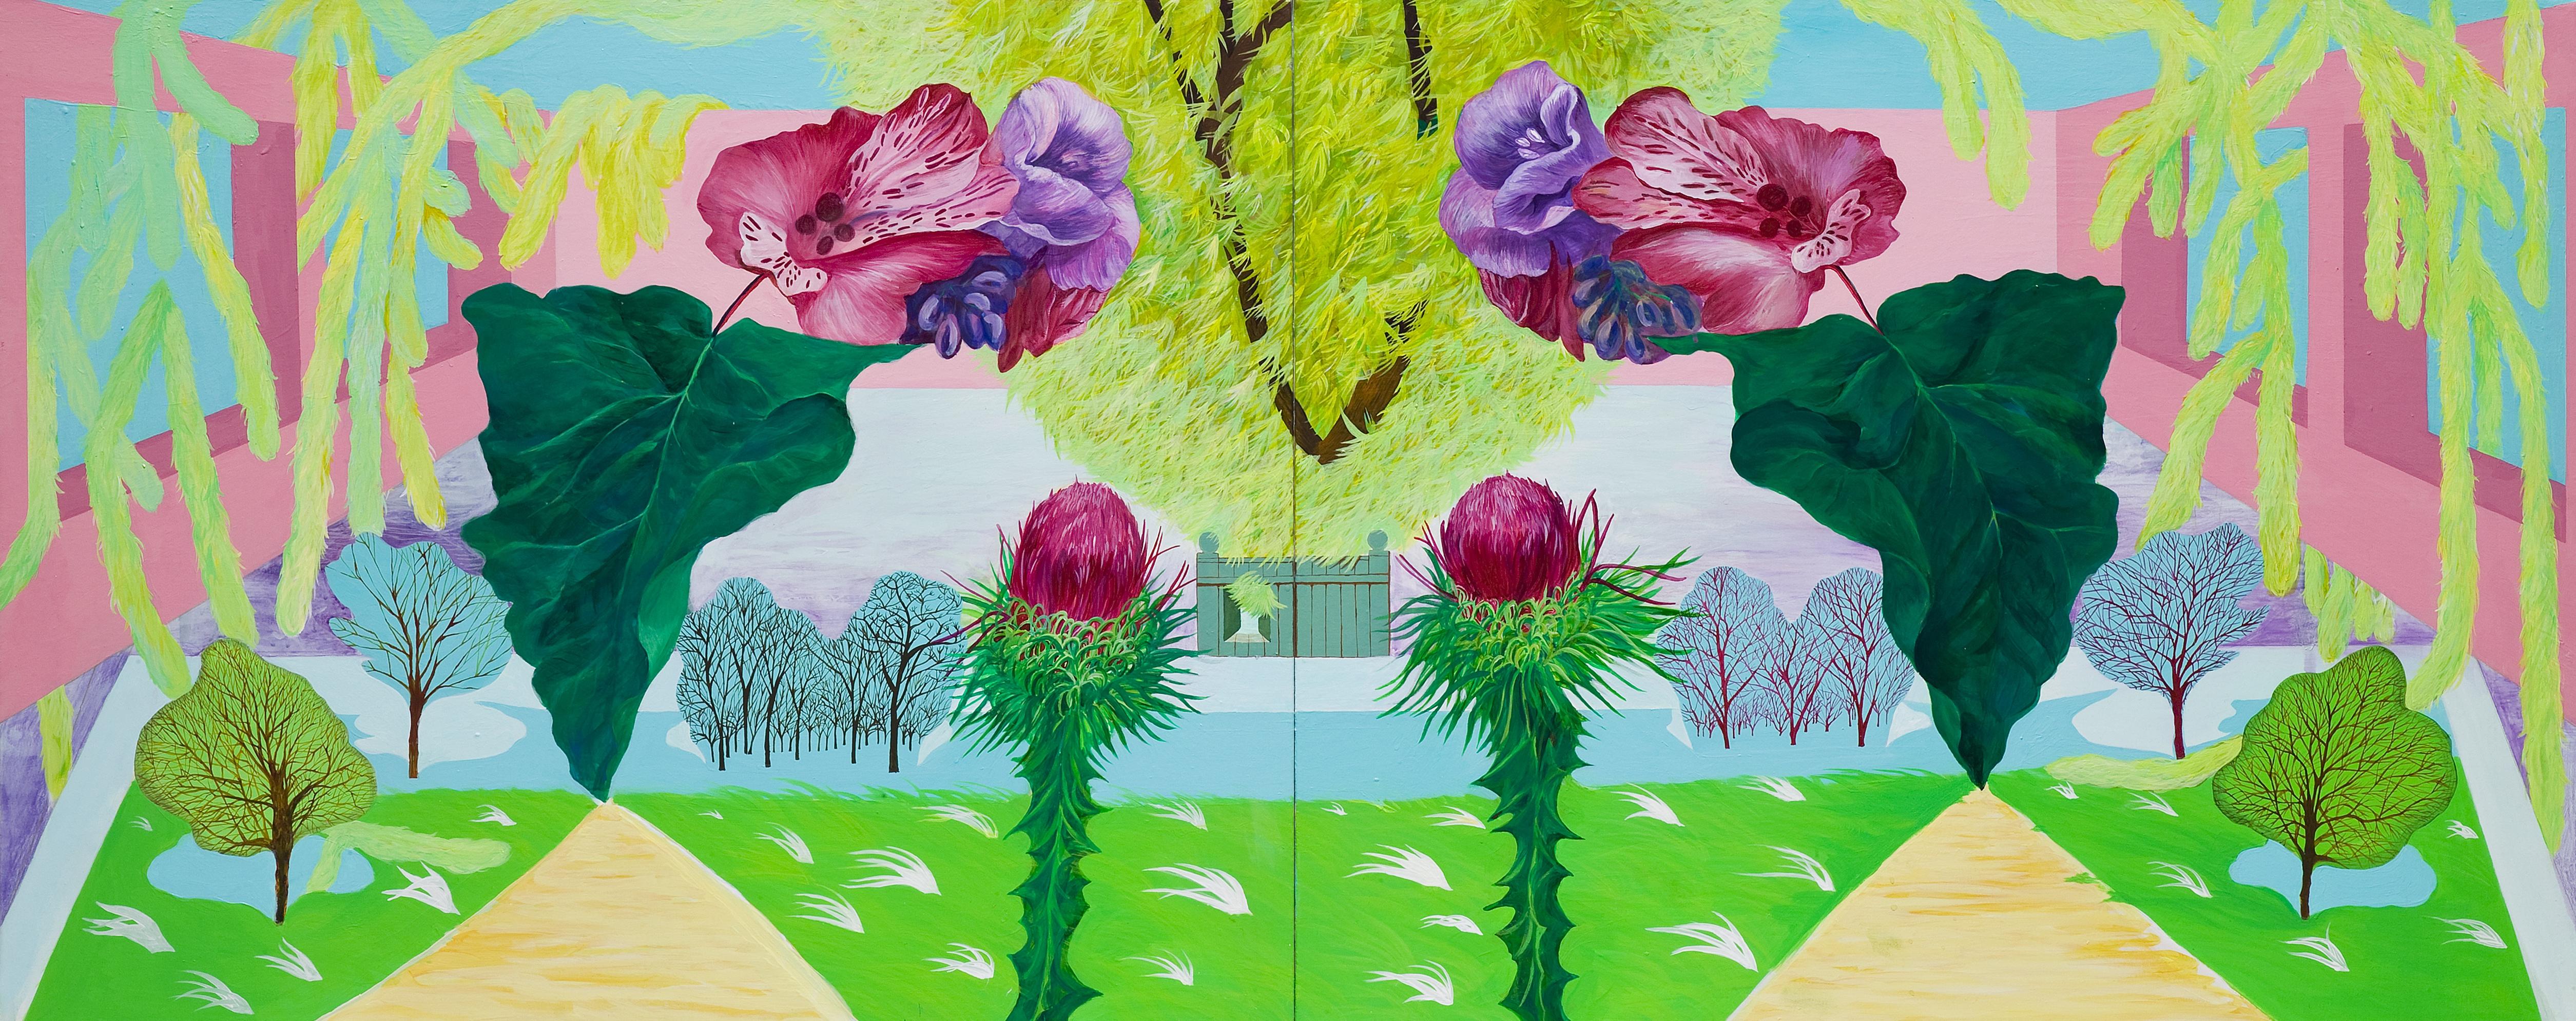 Fragile Garden.jpg